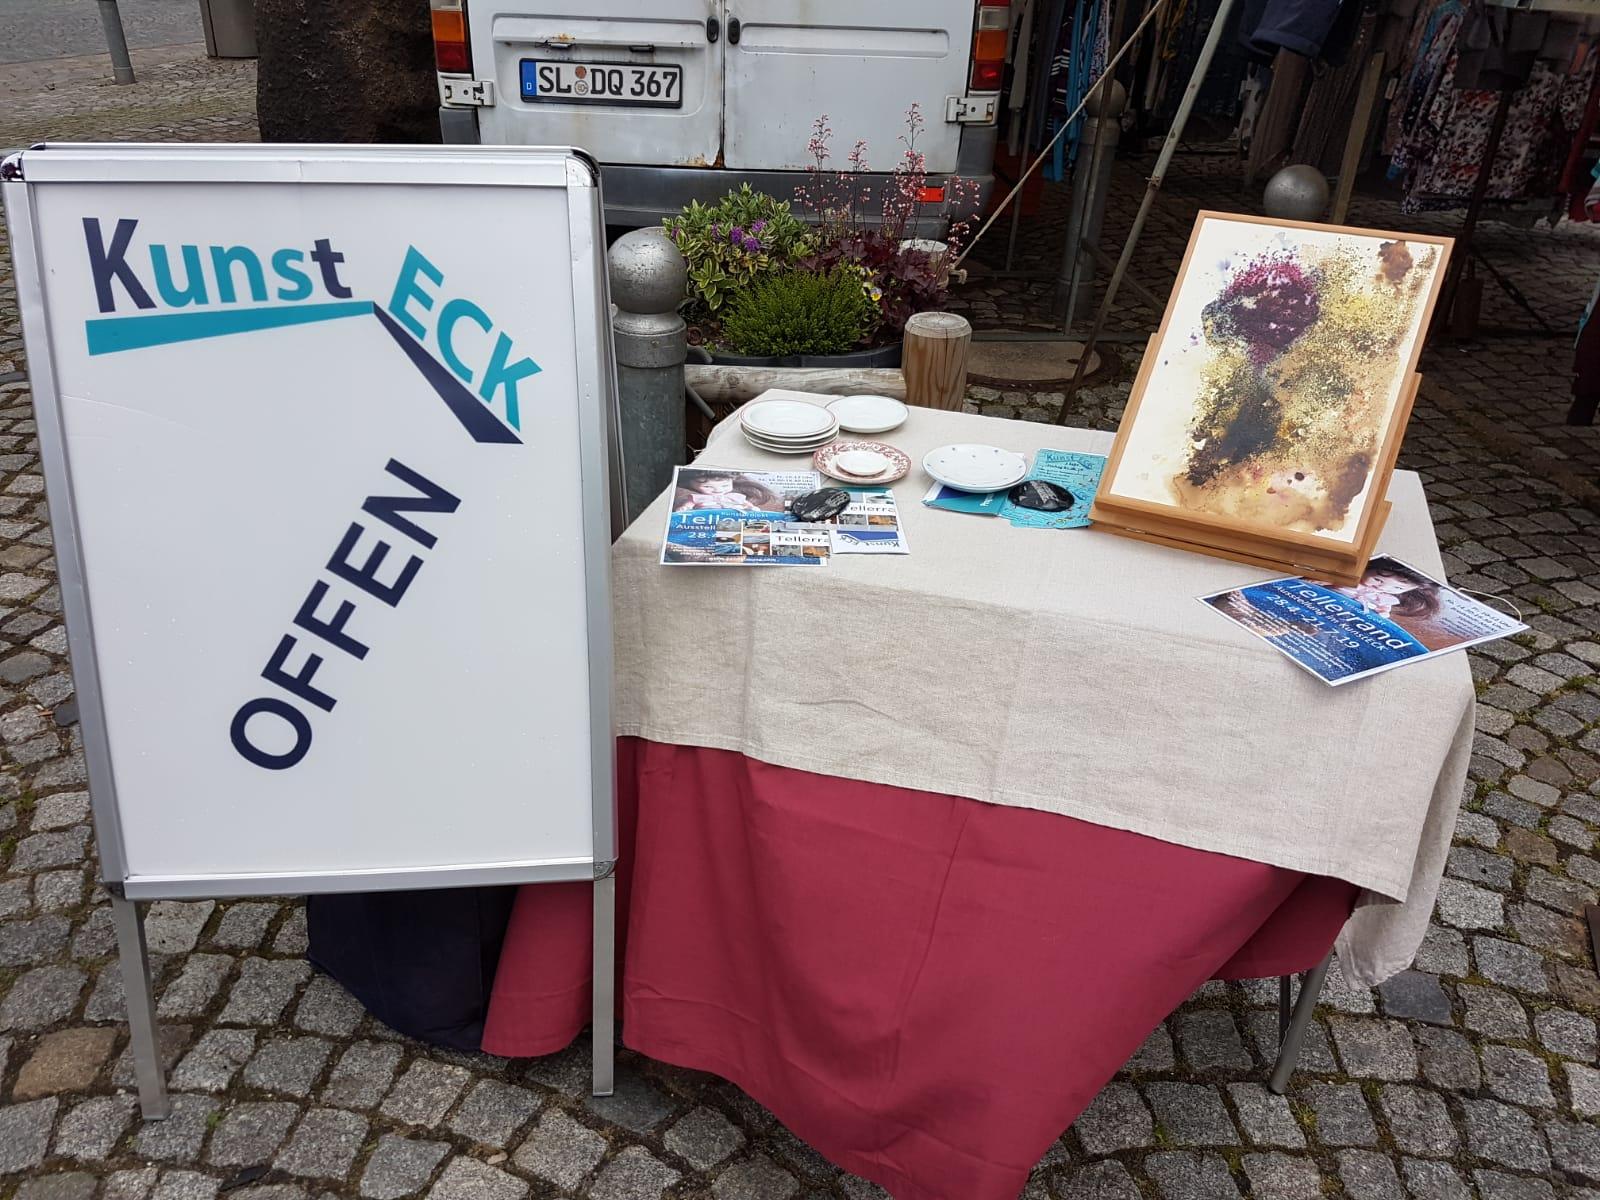 Herzlichen Glückwunsch! Das KunstECK feiert seinen 1. Geburtstag und wir sind dabei! Silke steht für uns auf dem Marktplatz...